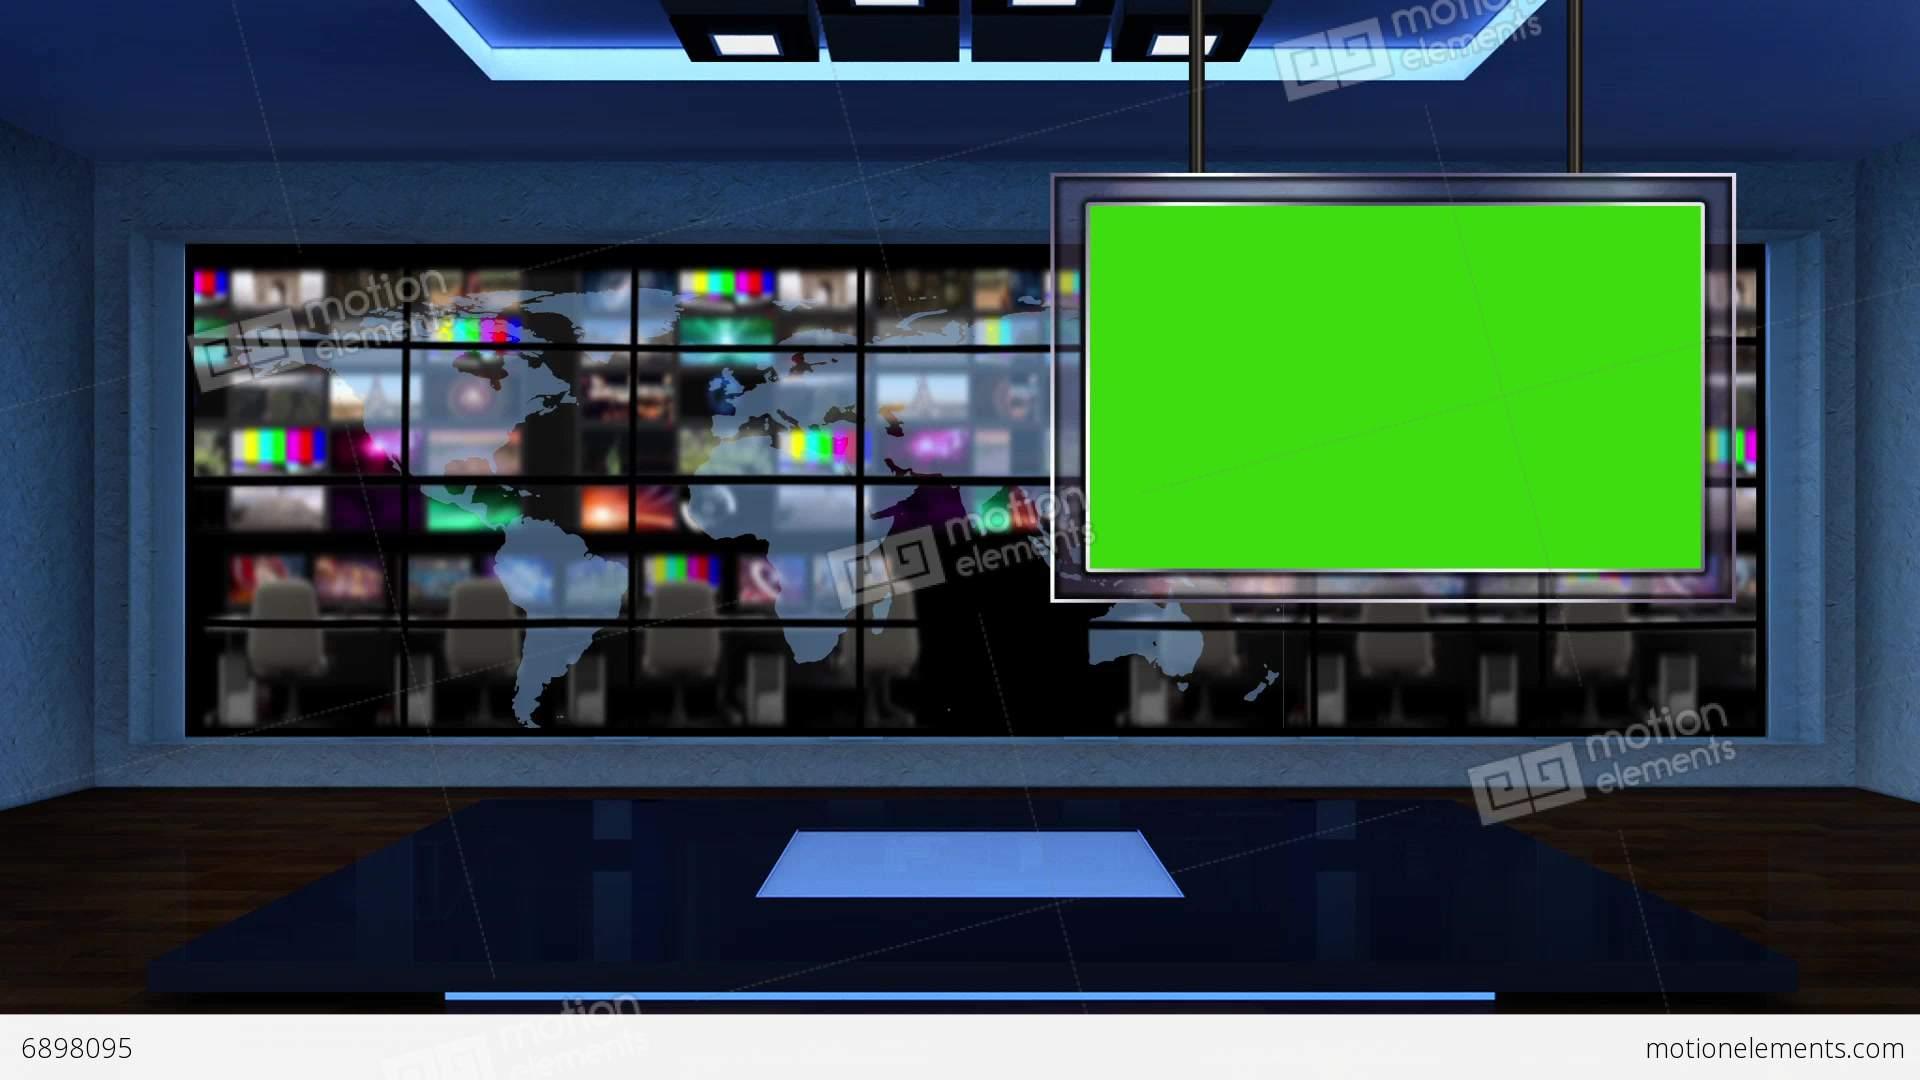 News TV Studio Set 52